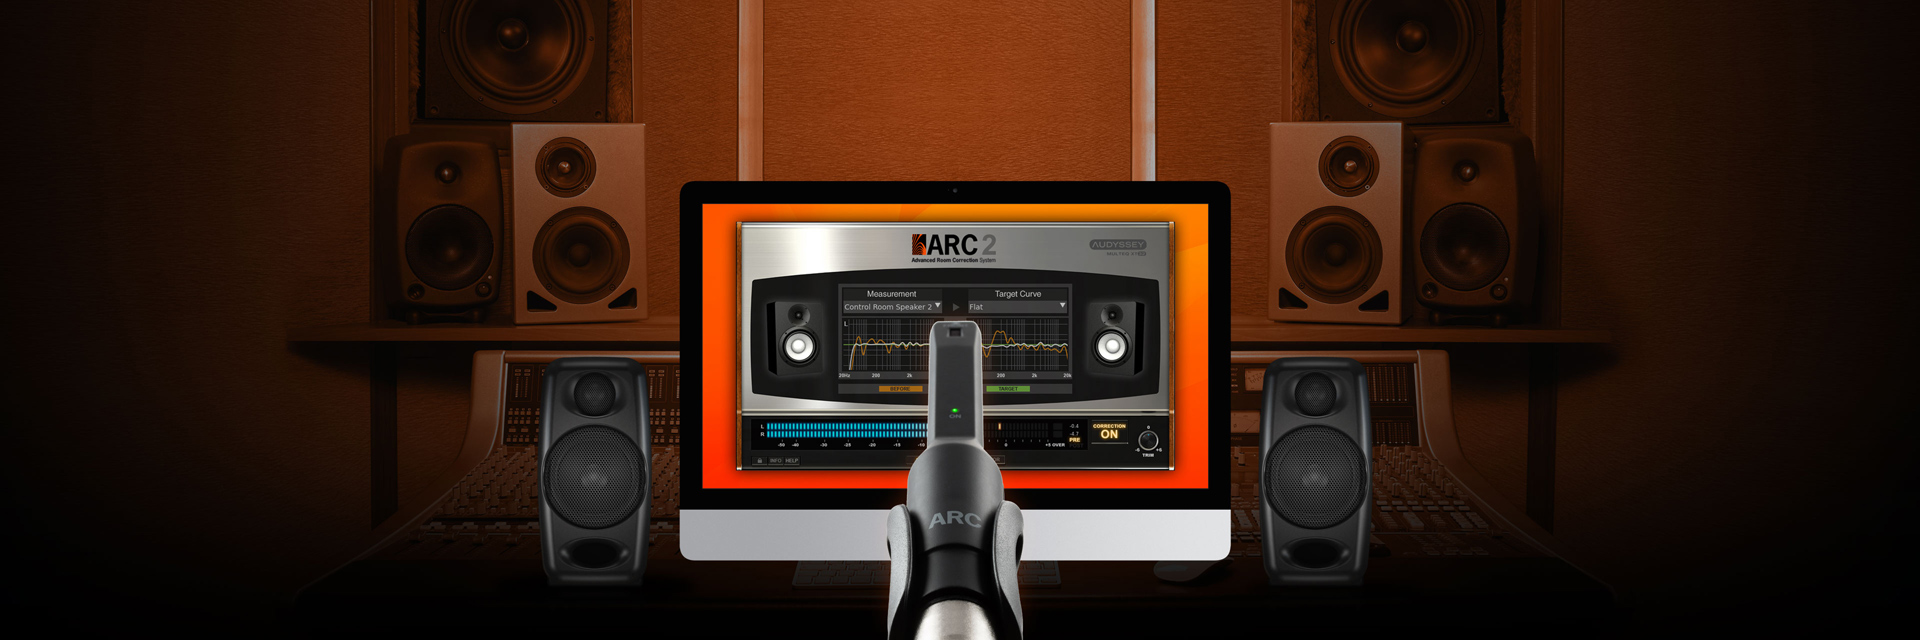 Ik Multimedia Arc 2 Manual Download